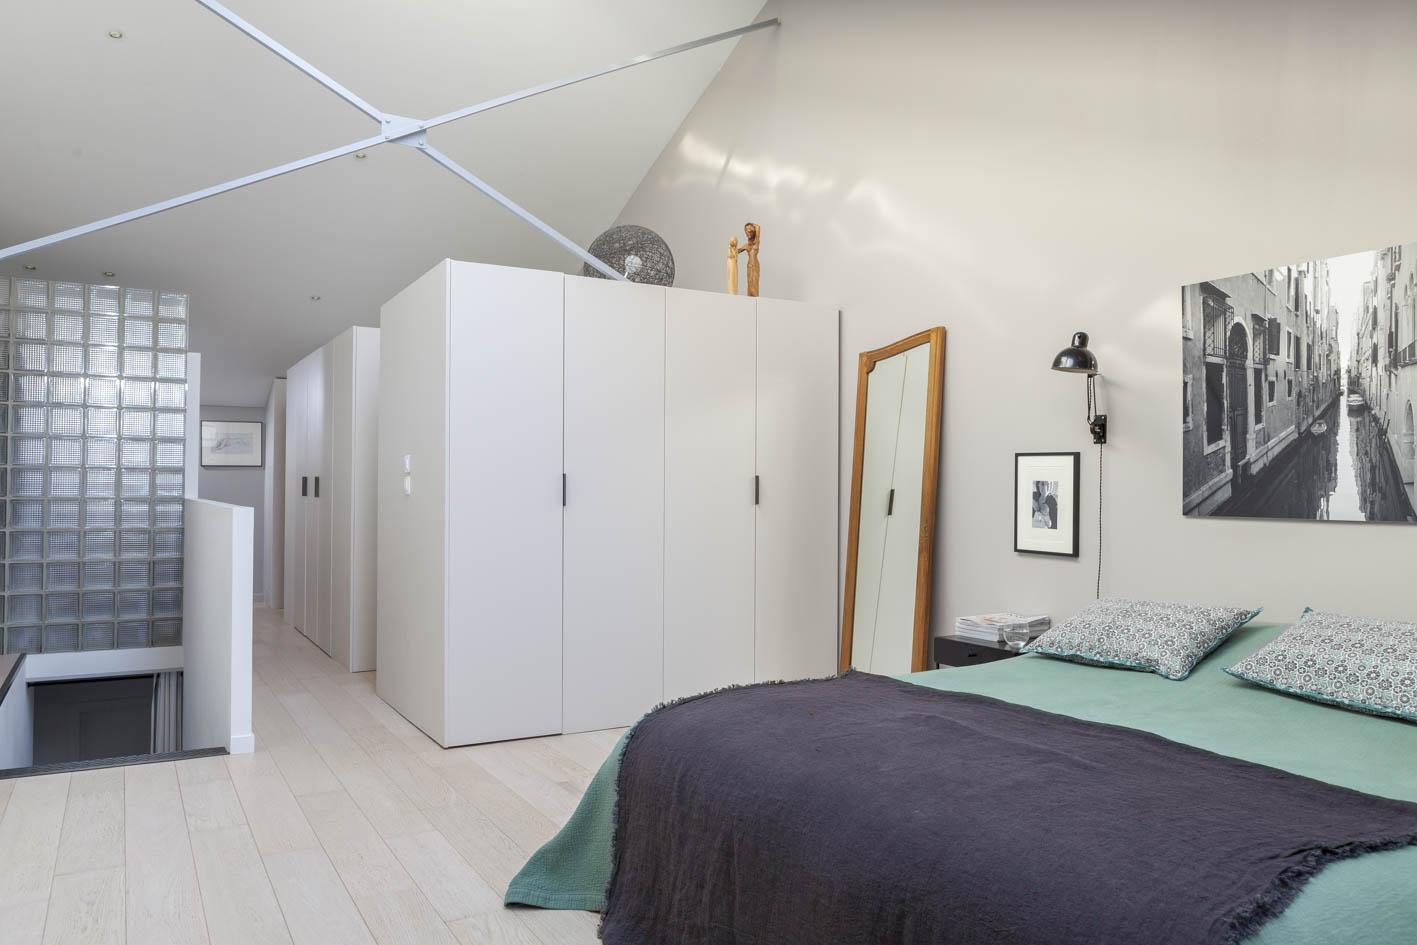 Un loft vicino a parigi for Case modulari con suite di legge